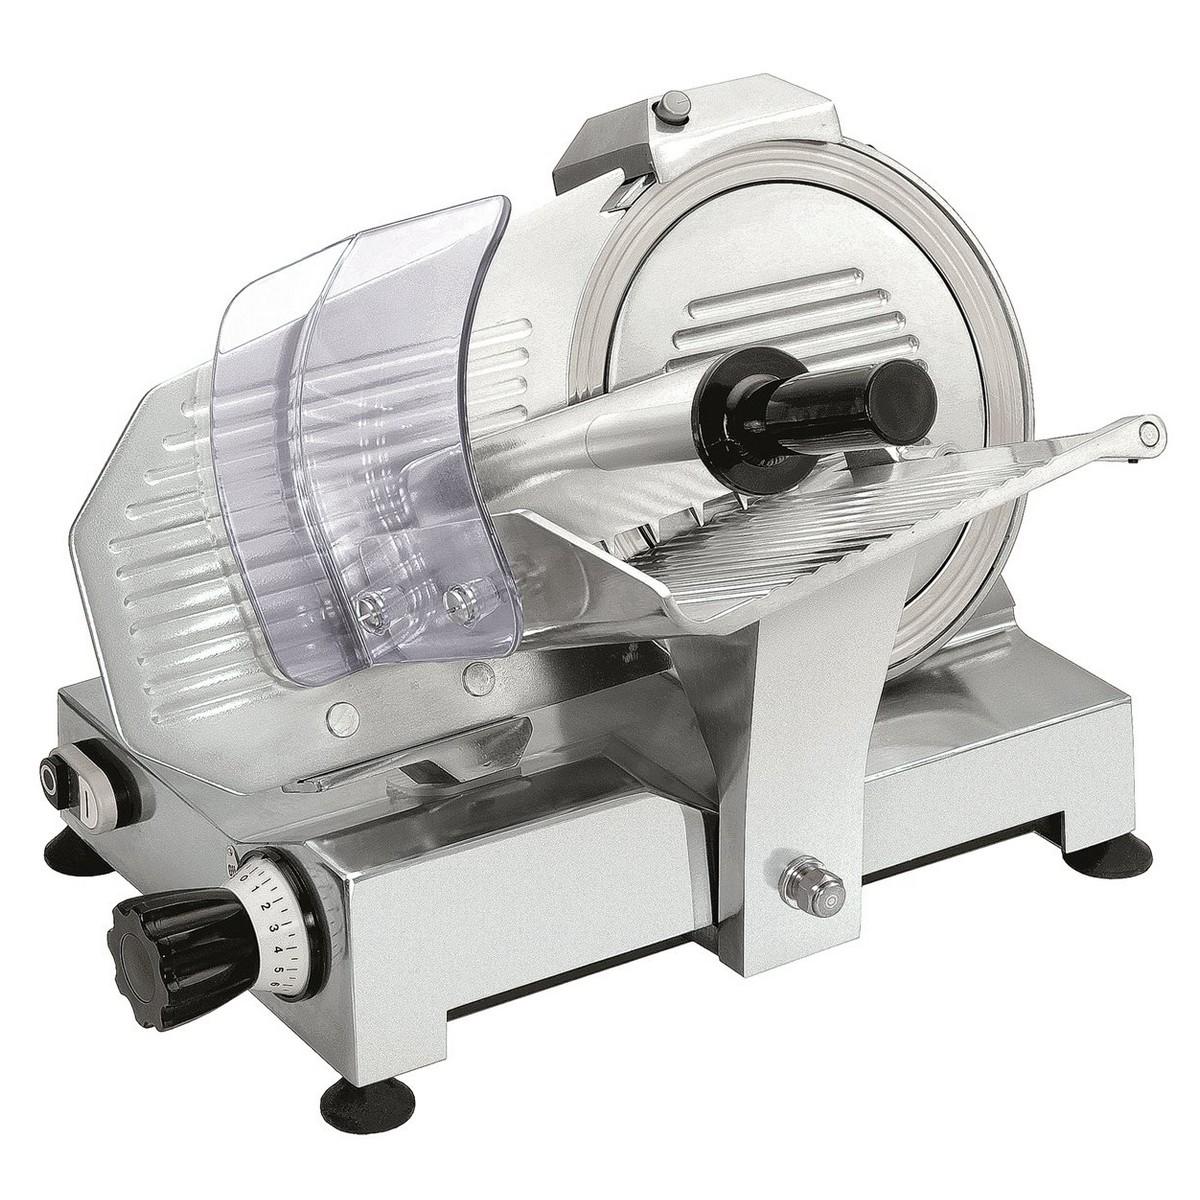 Affettatrice Modello GPR250 - Acciaio con Lama Cromata Ø 250 mm